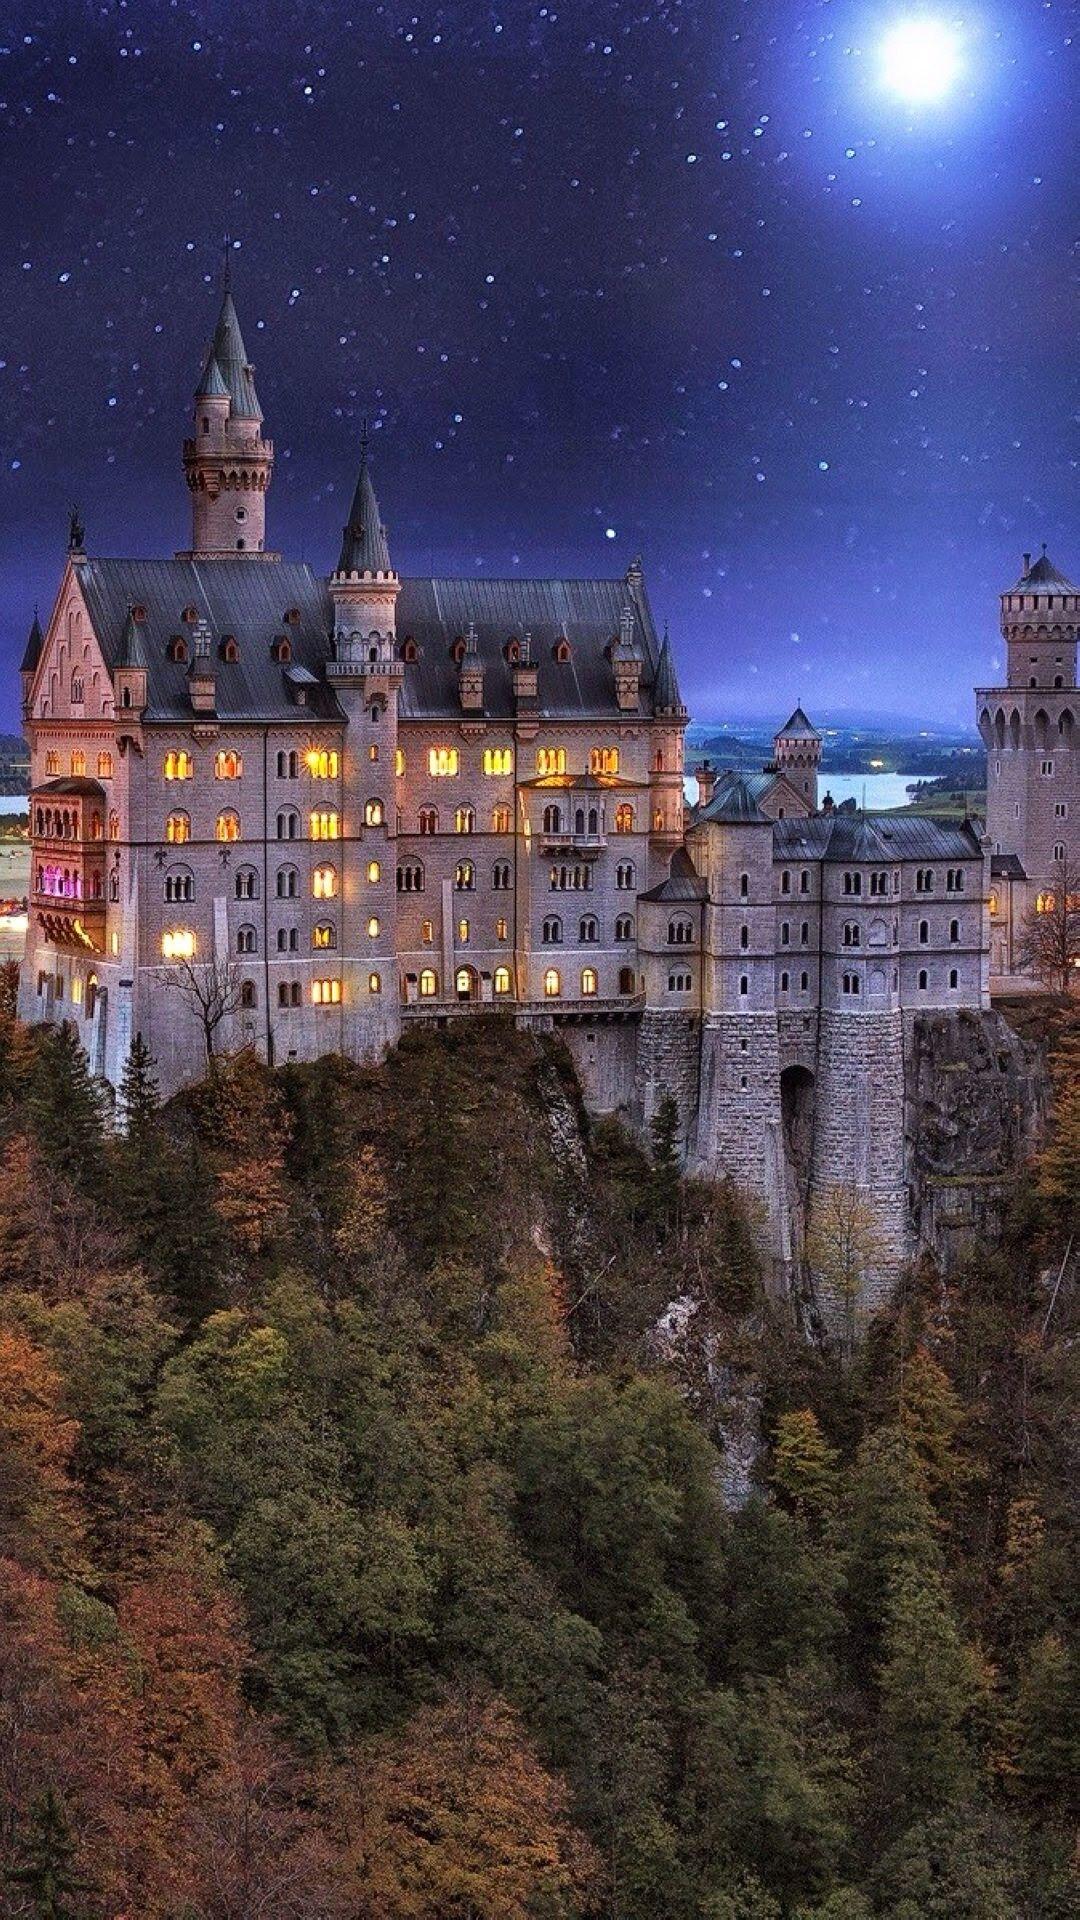 Carskij Starinnyj Kirpich Https Www Ruskir Ru Ruchnoj Raboty S Obzhigom V Kolcevoj Pechi Gofmana Mozhete Stat Dile Neuschwanstein Castle Castle Germany Castles